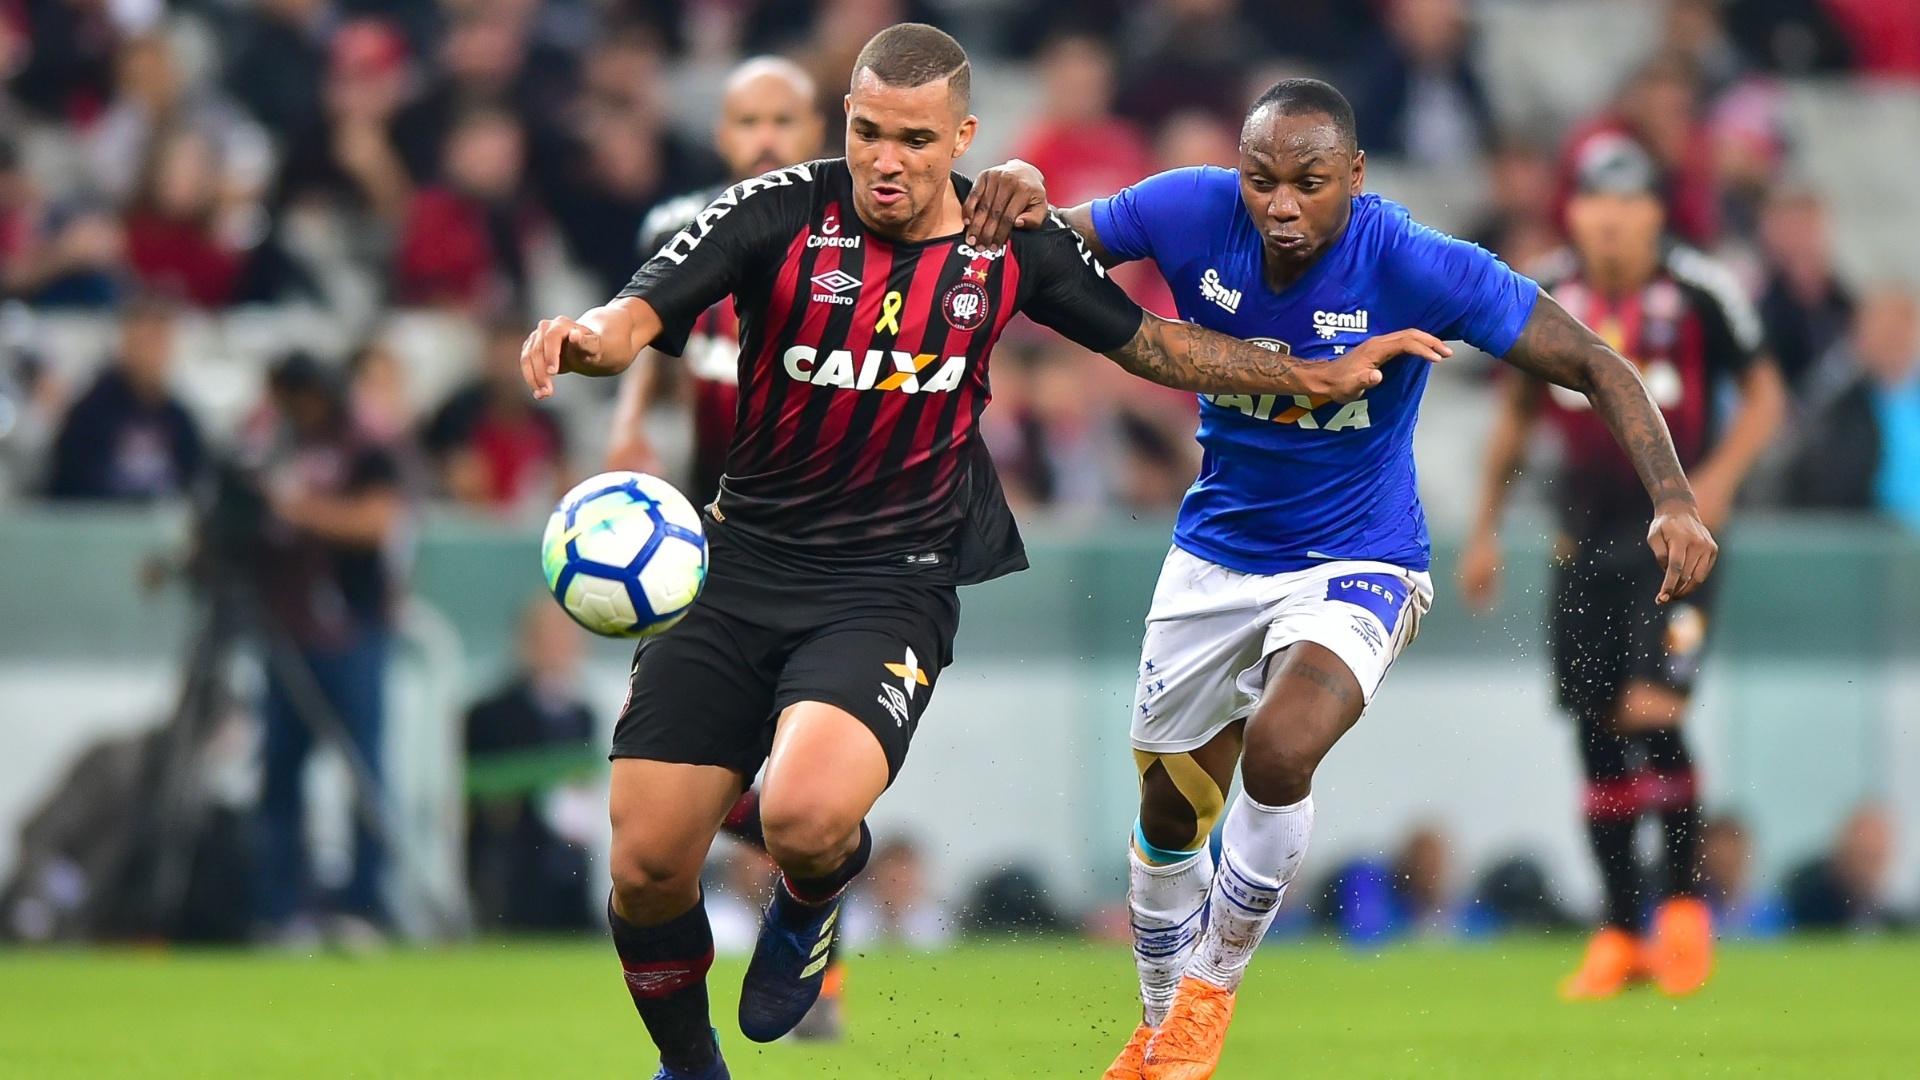 Sassá e Zé Ivaldo disputam bola durante Atlético-PR x Cruzeiro na Copa do Brasil